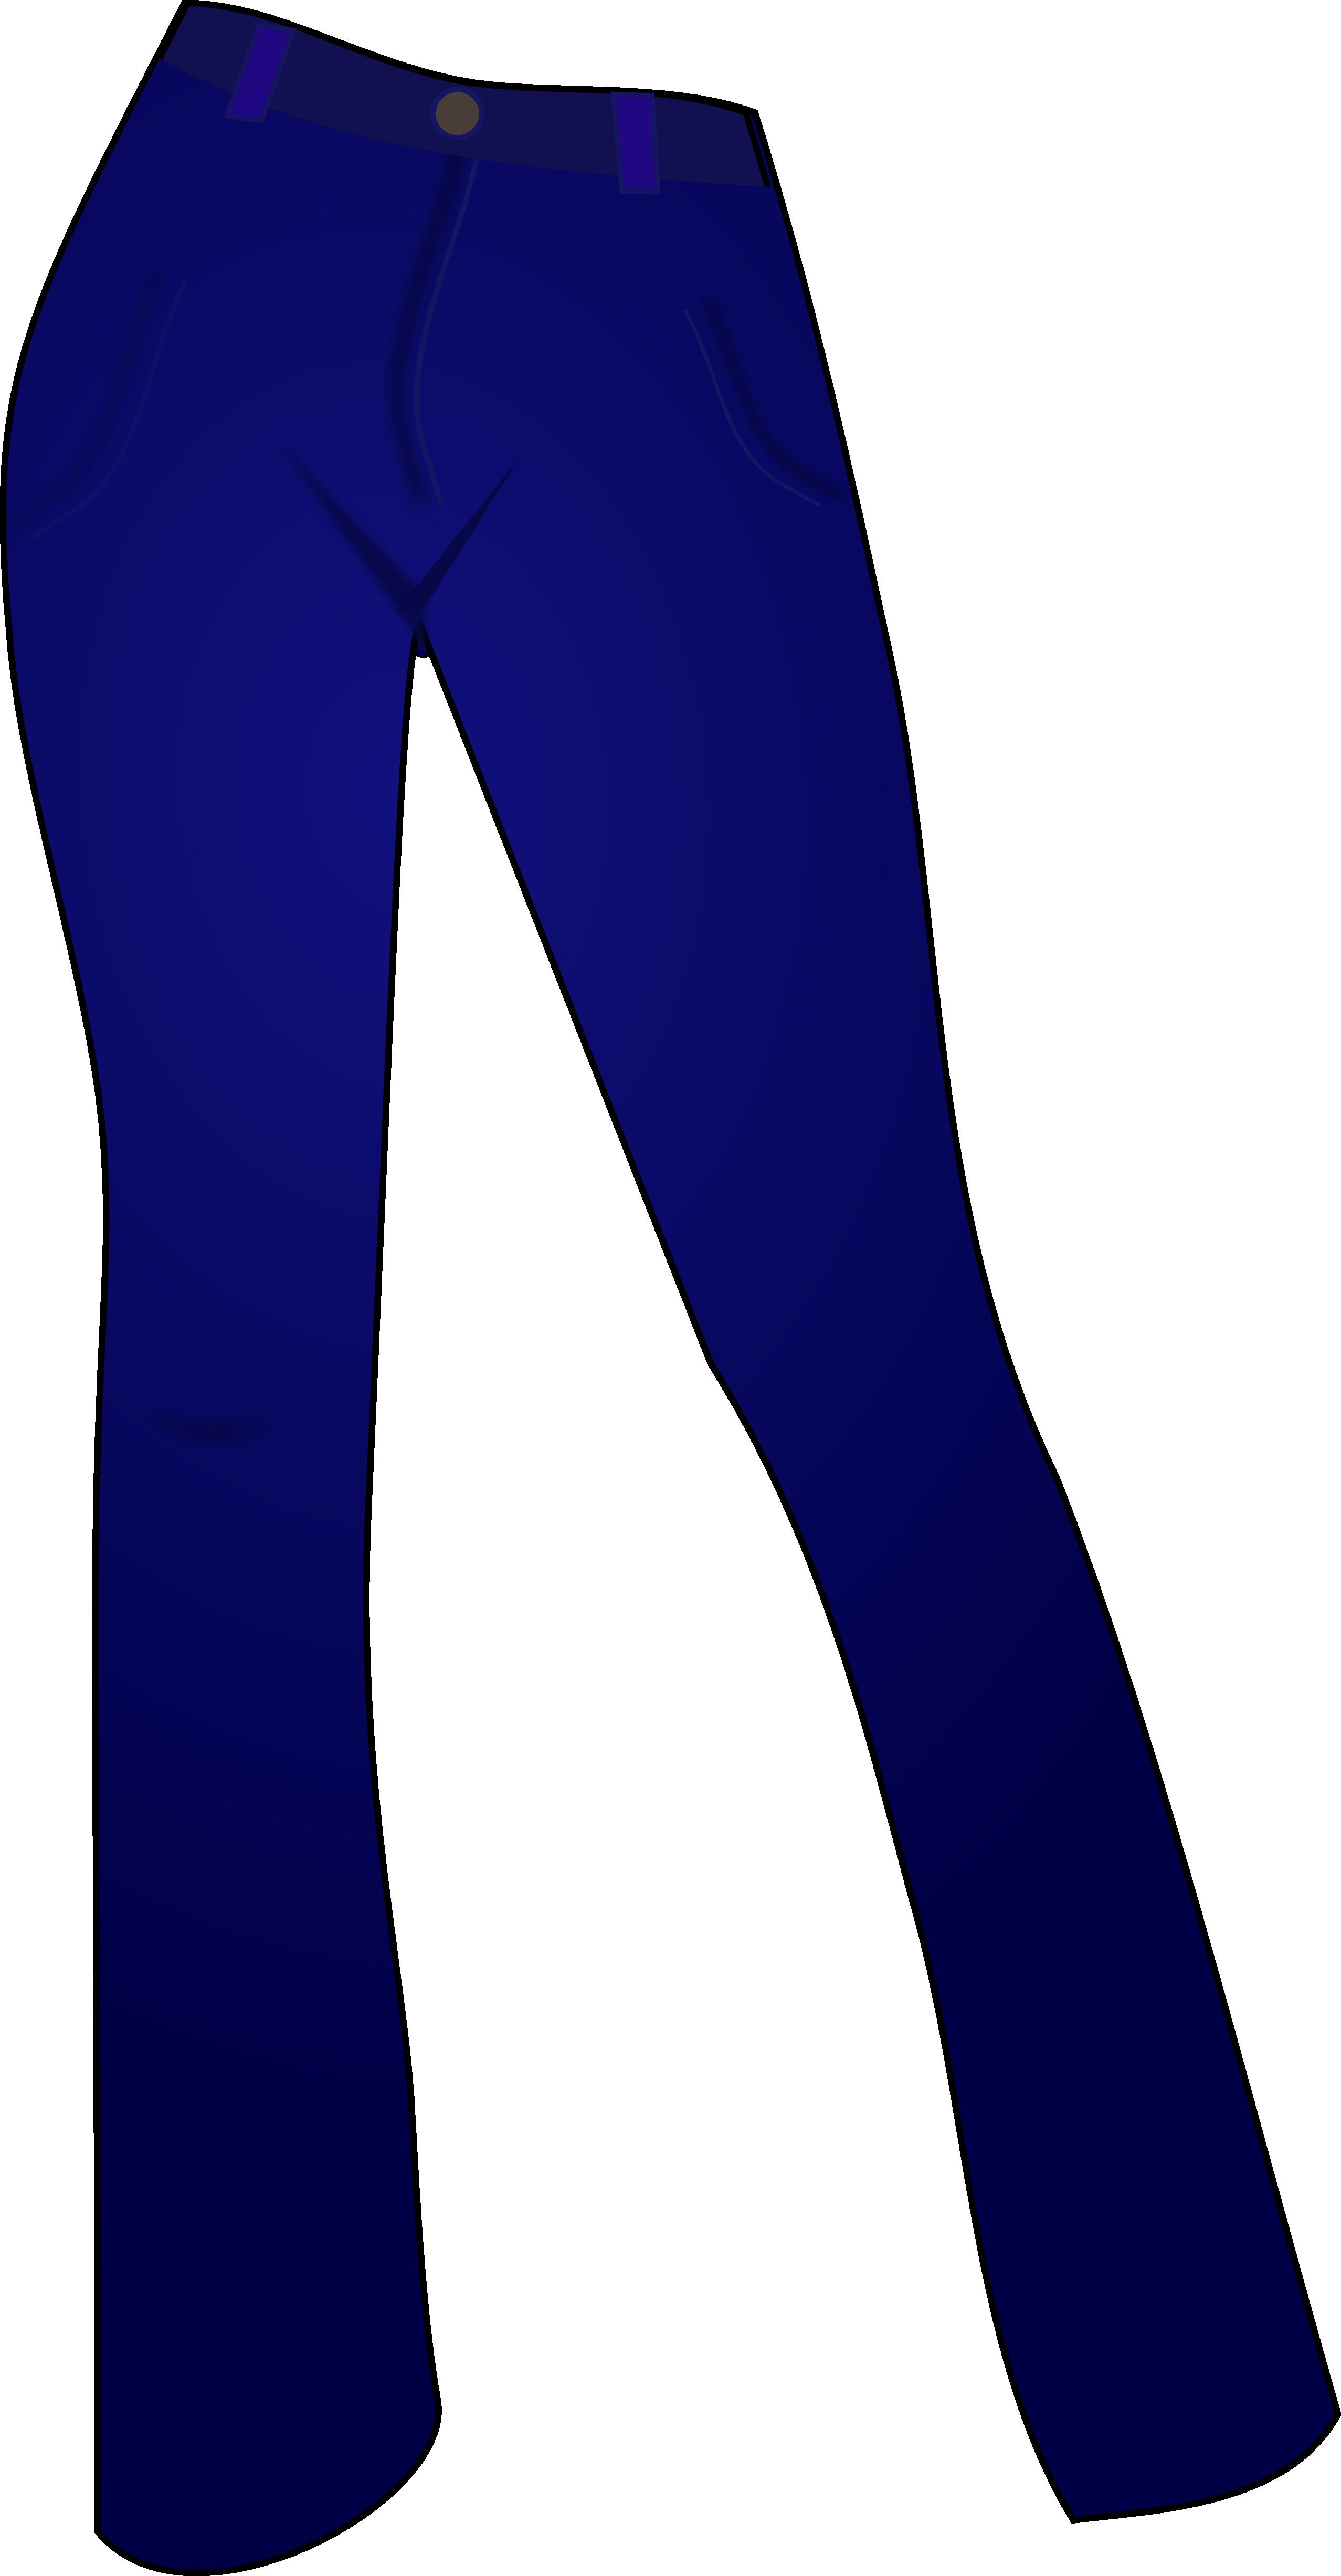 Trends For Jeans Clip Art-Trends For Jeans Clip Art-15